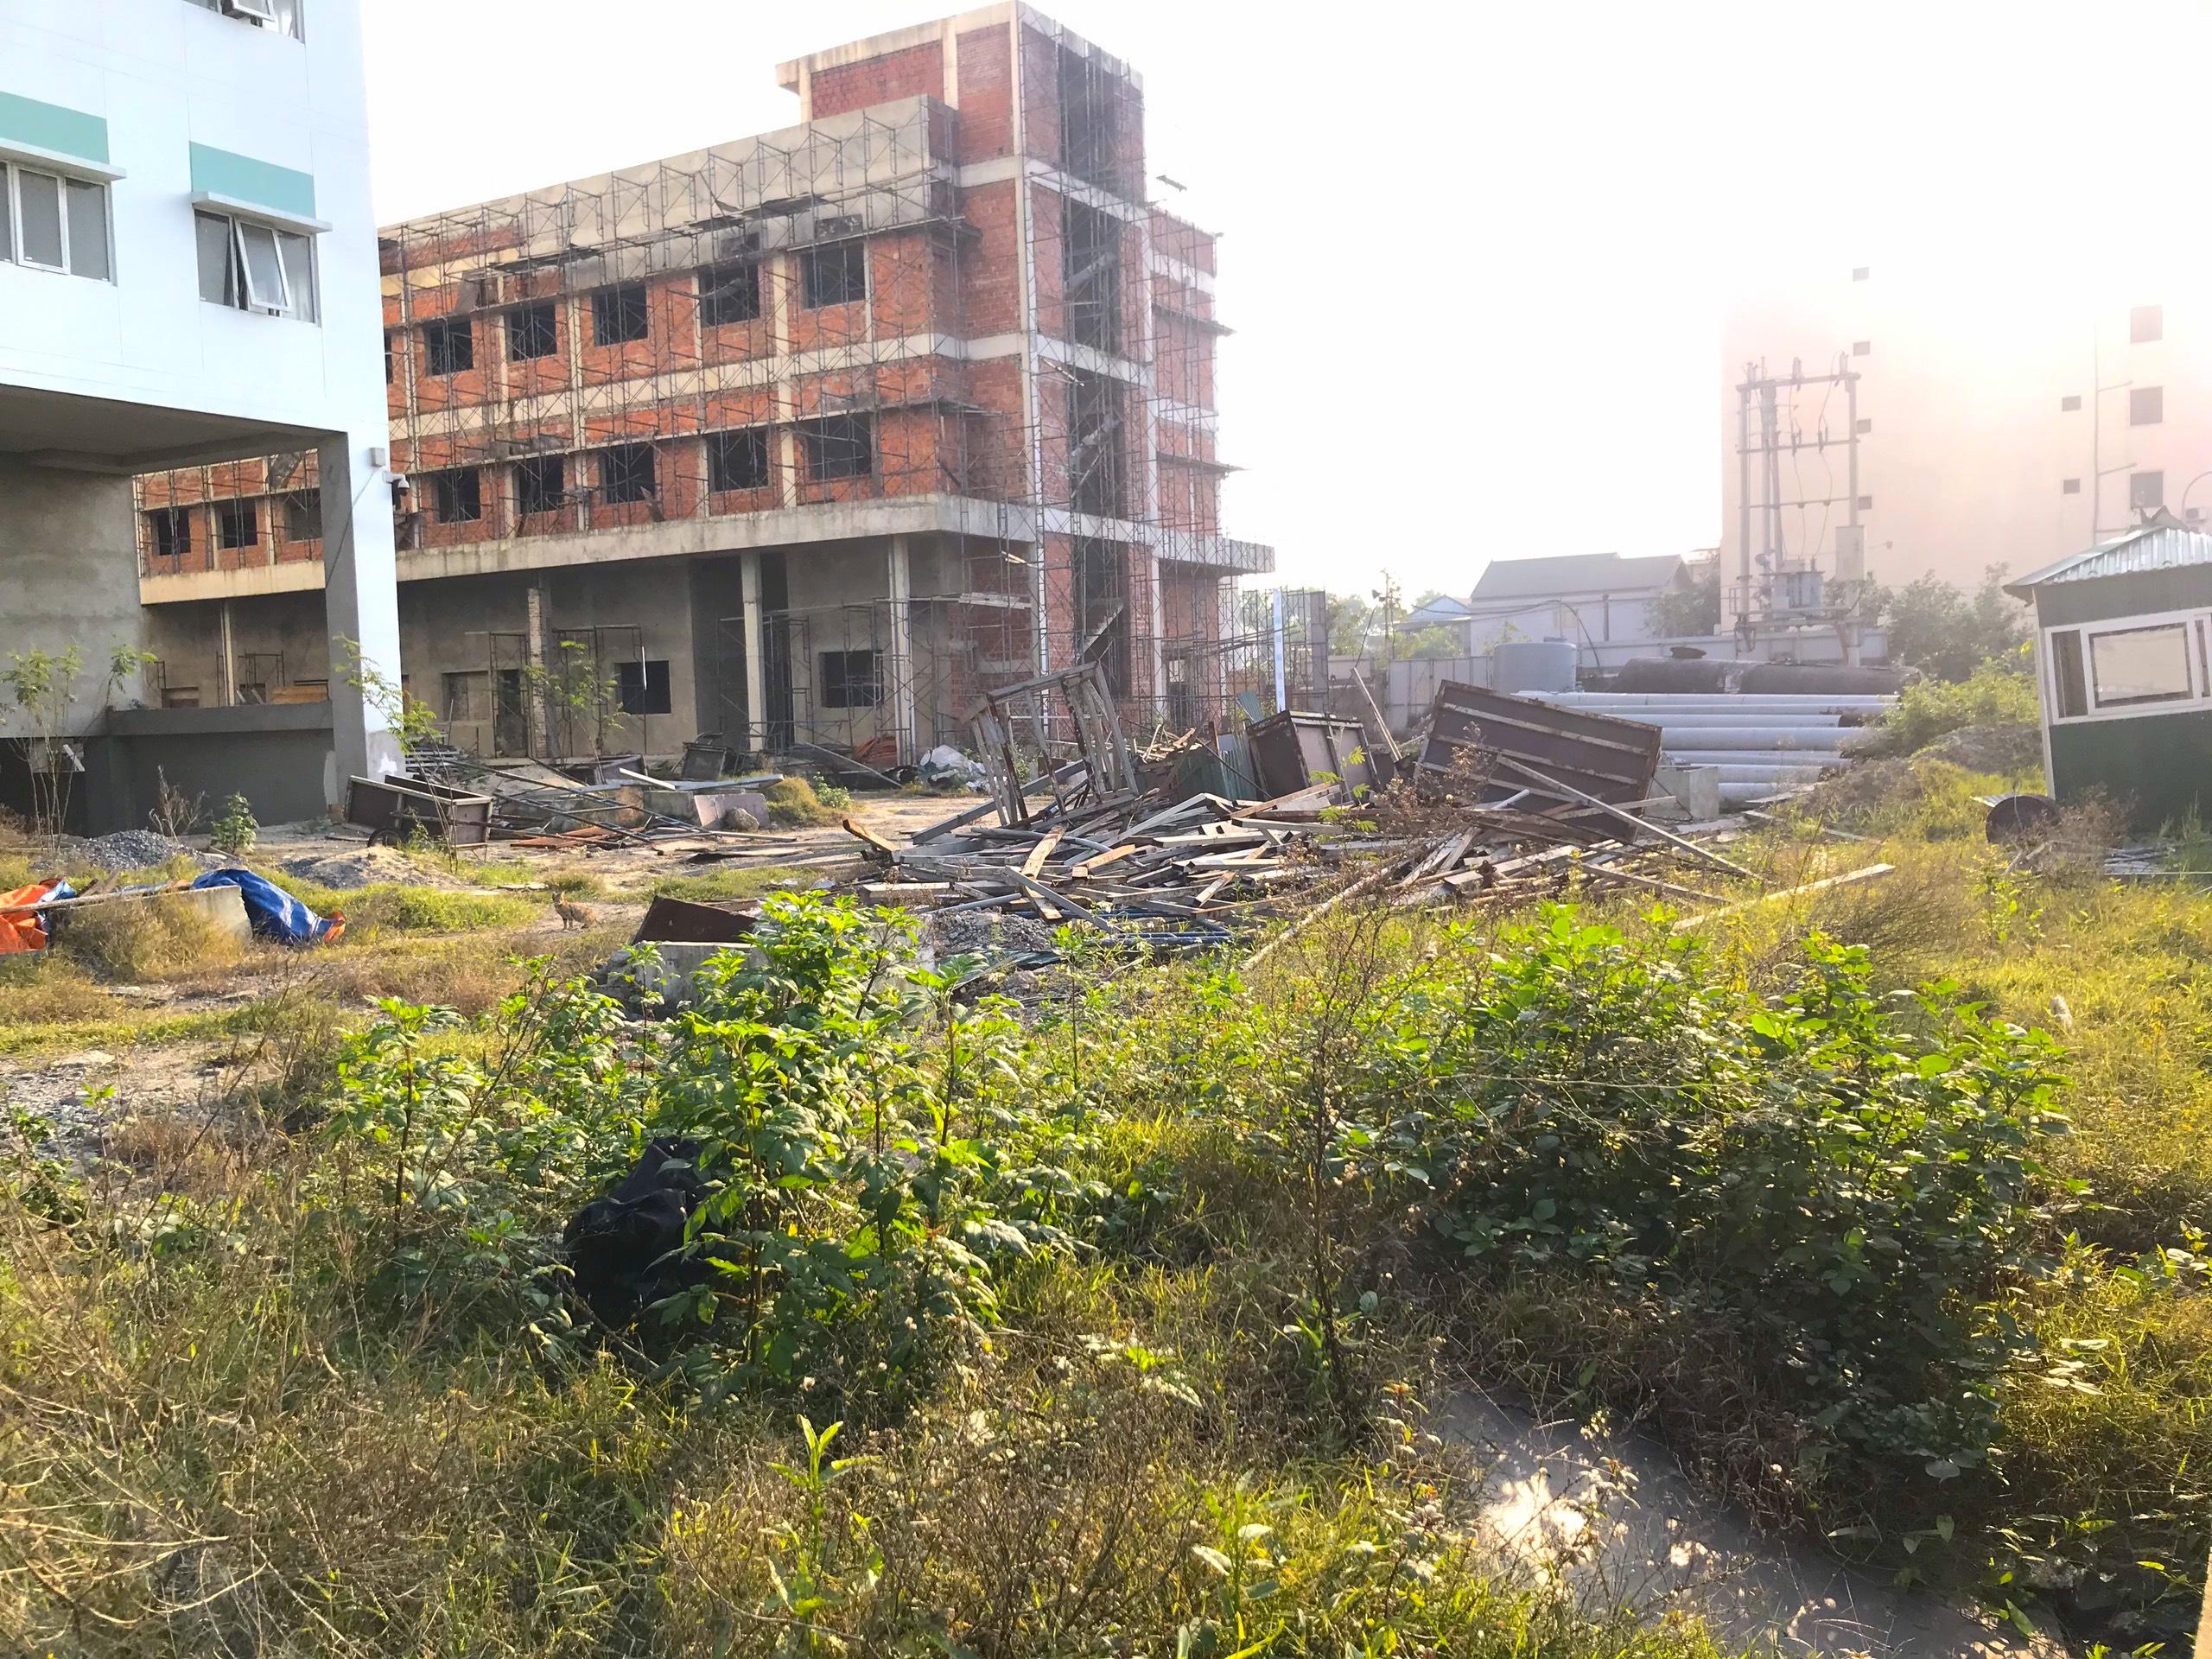 Cảnh nhếch nhác, cỏ mọc um tùm trong dự án bệnh viện nghìn tỷ lớn nhất Bắc Trung Bộ - Ảnh 11.